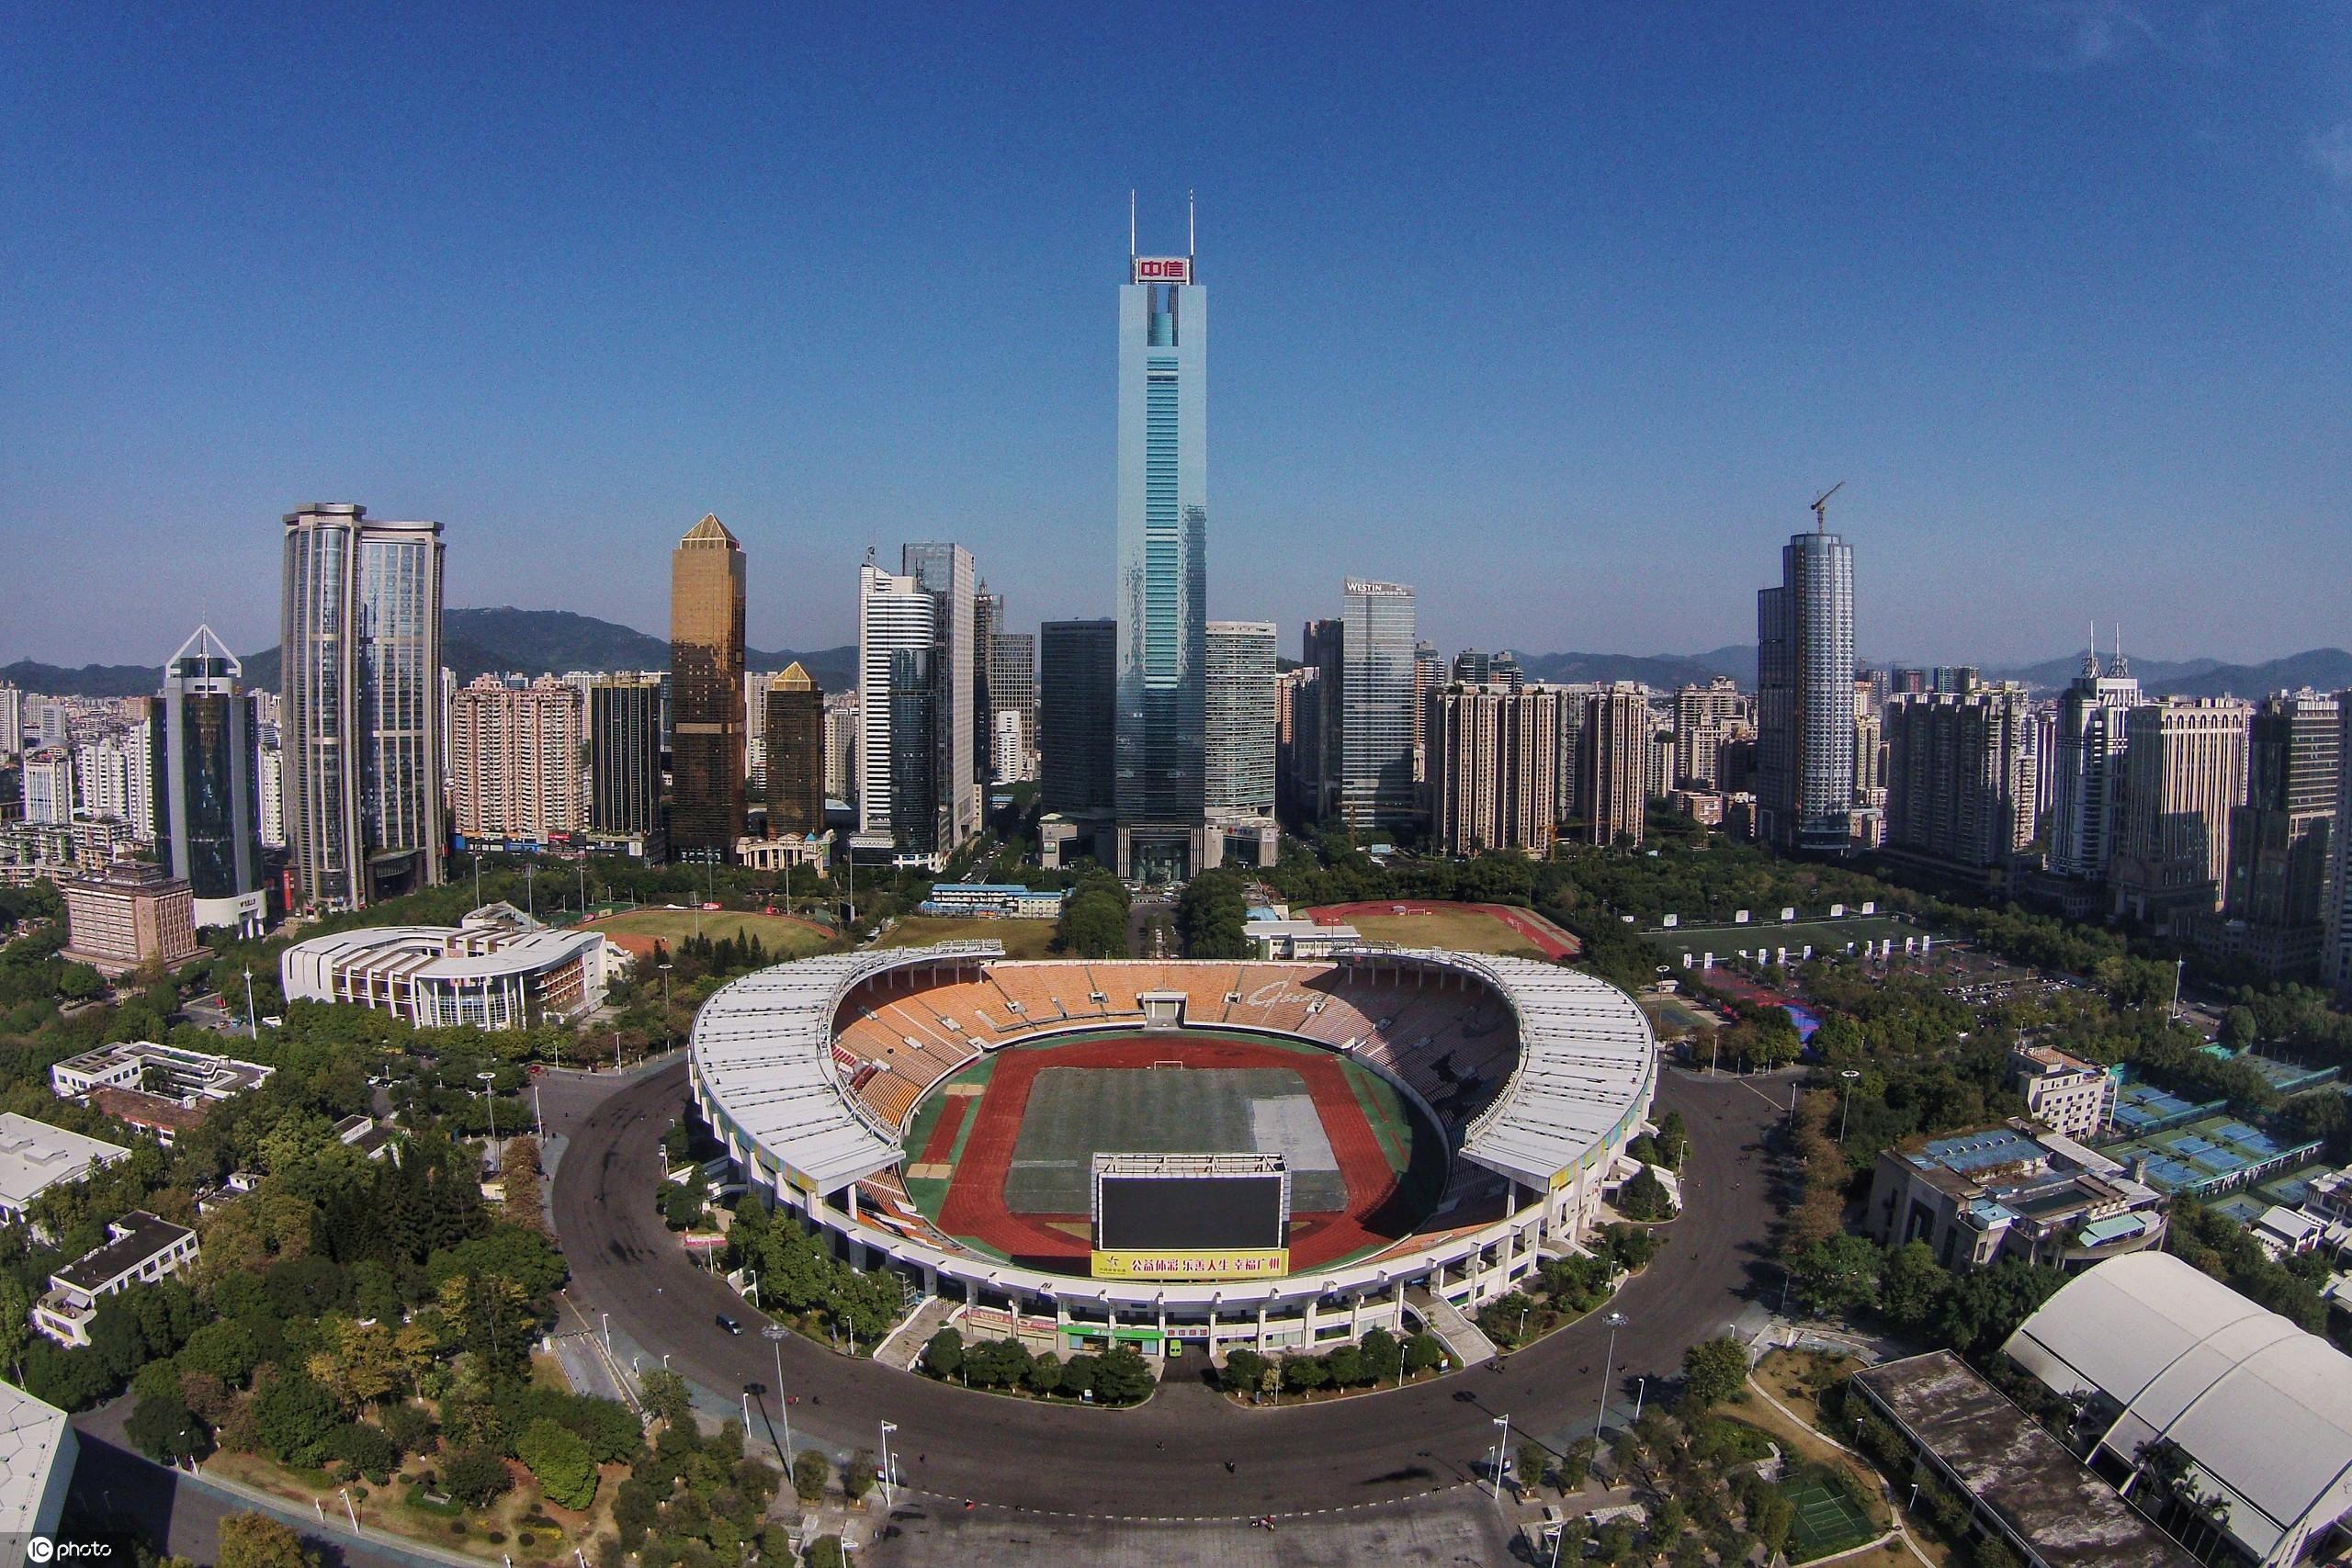 广州新挂出超86亿体育用地,需配建容纳8万人的专业球场